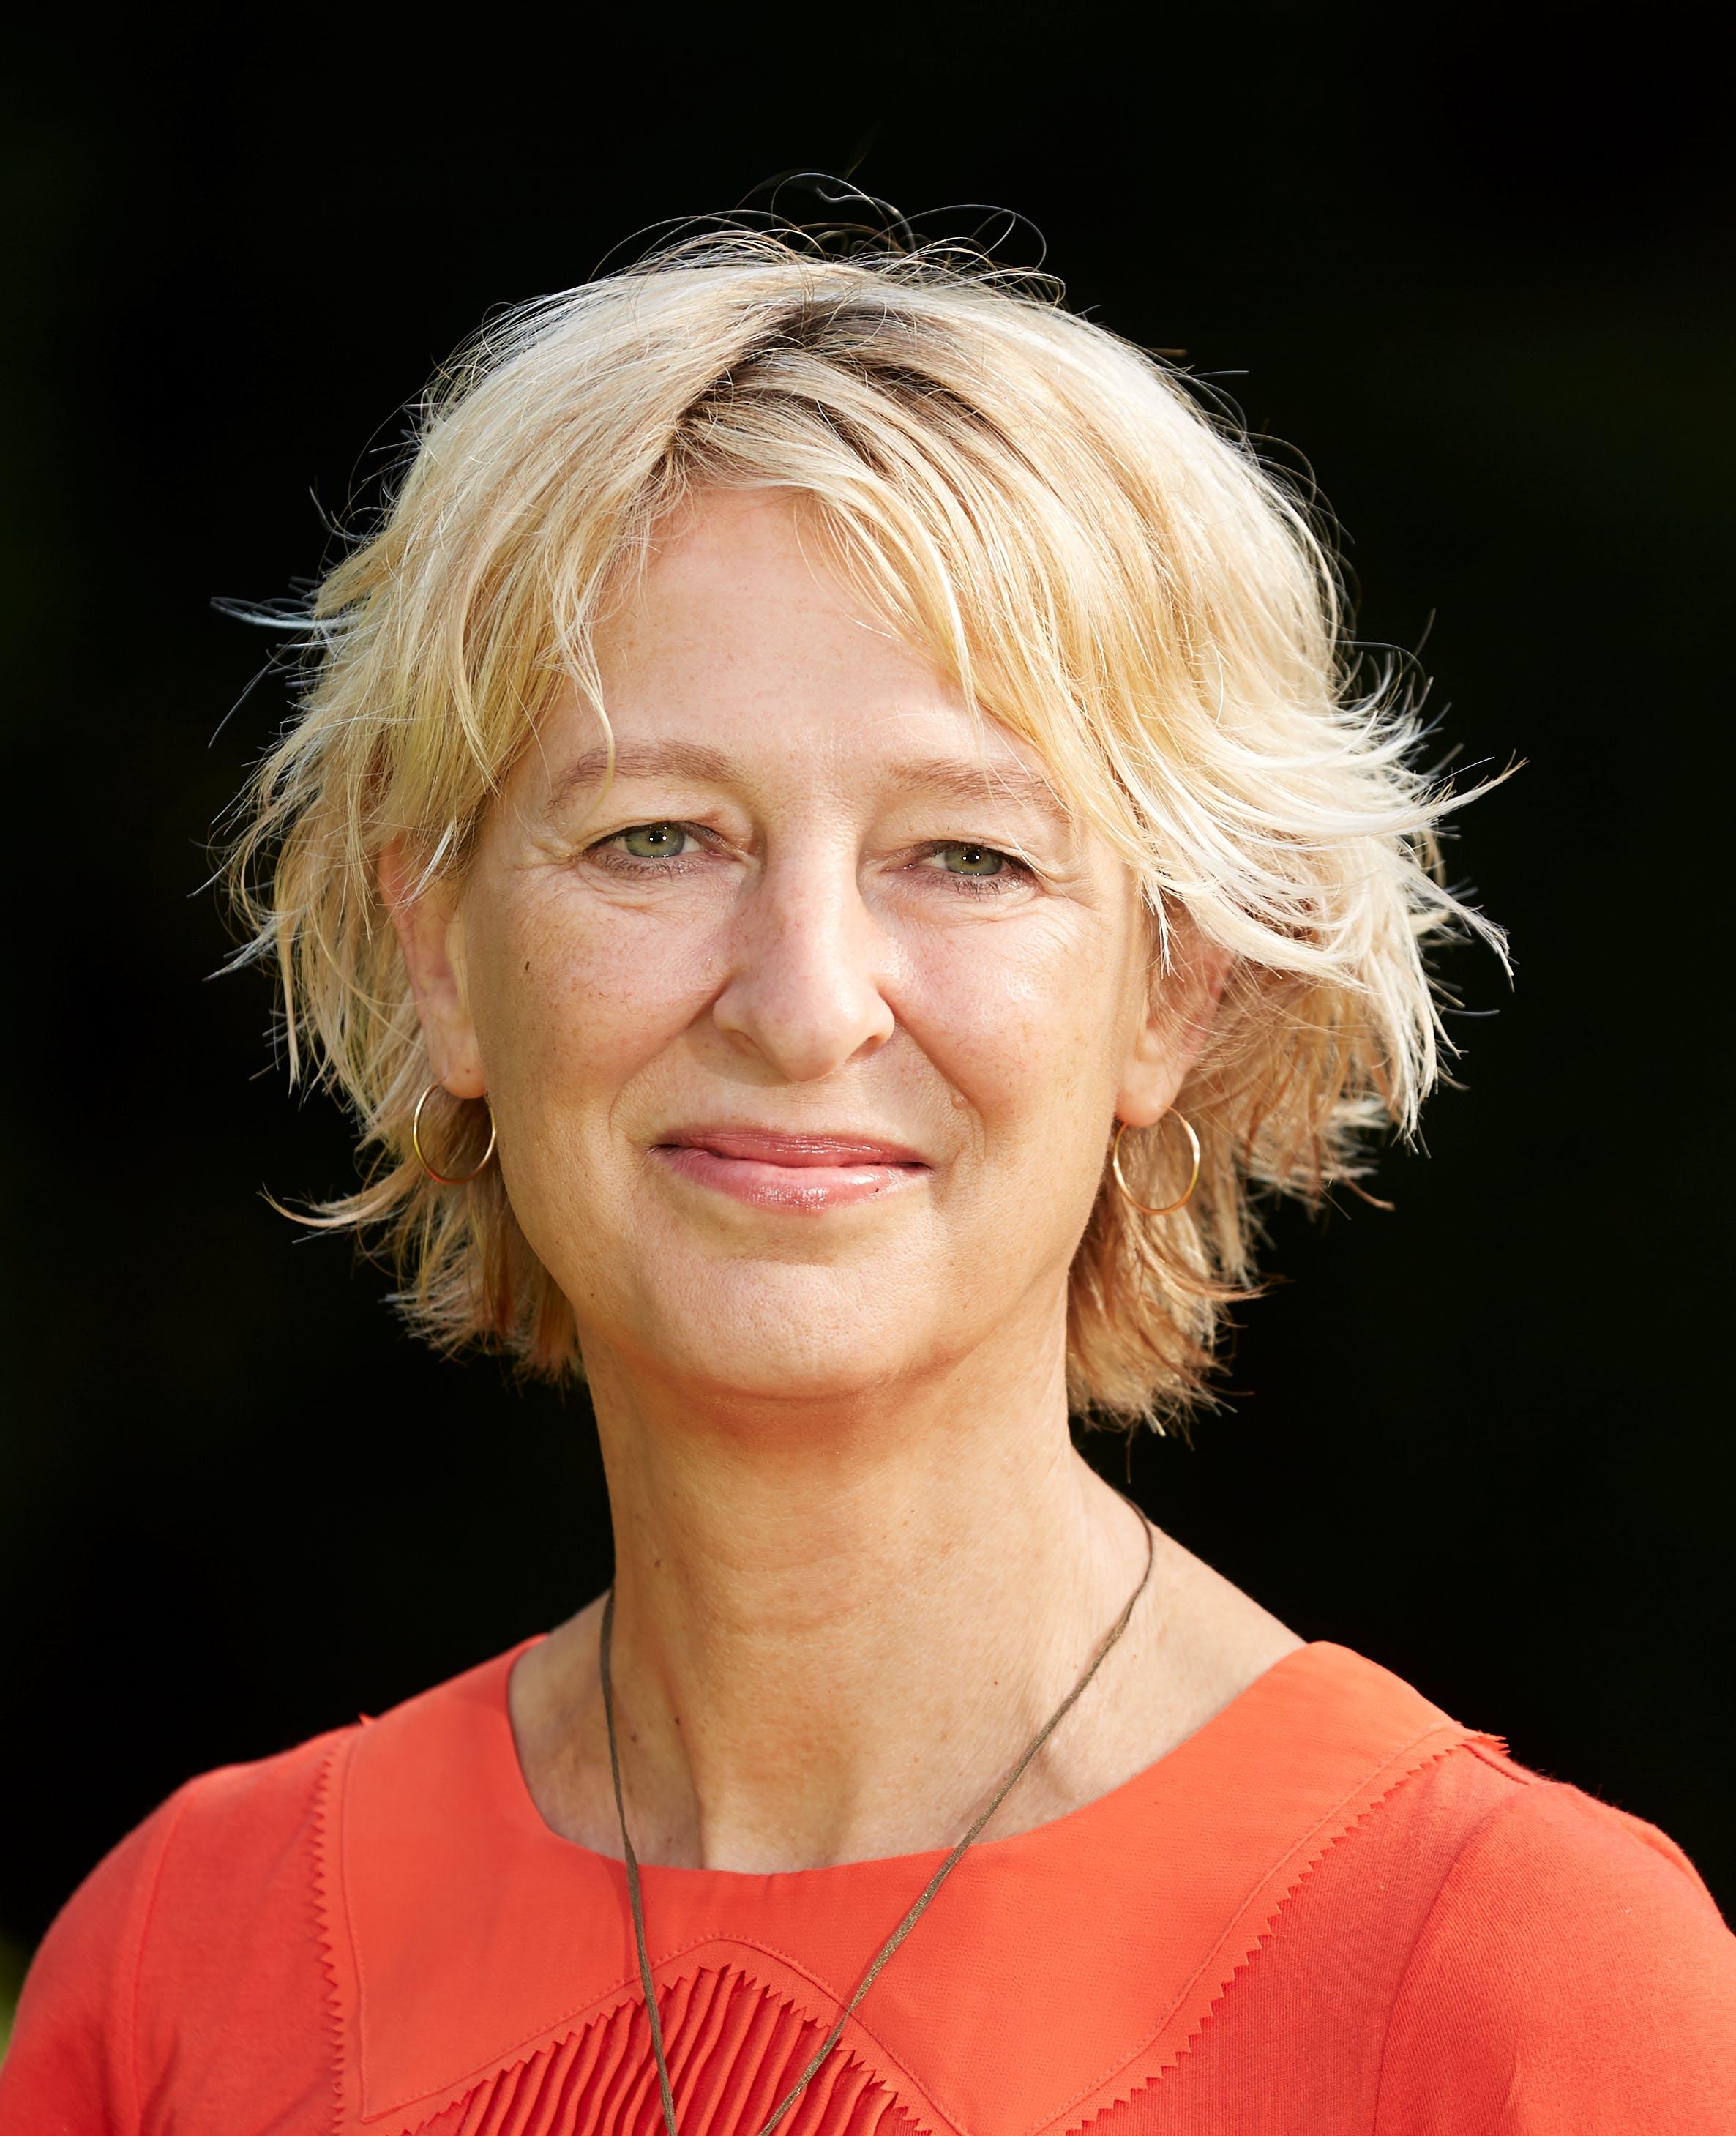 Annemarie Boevé